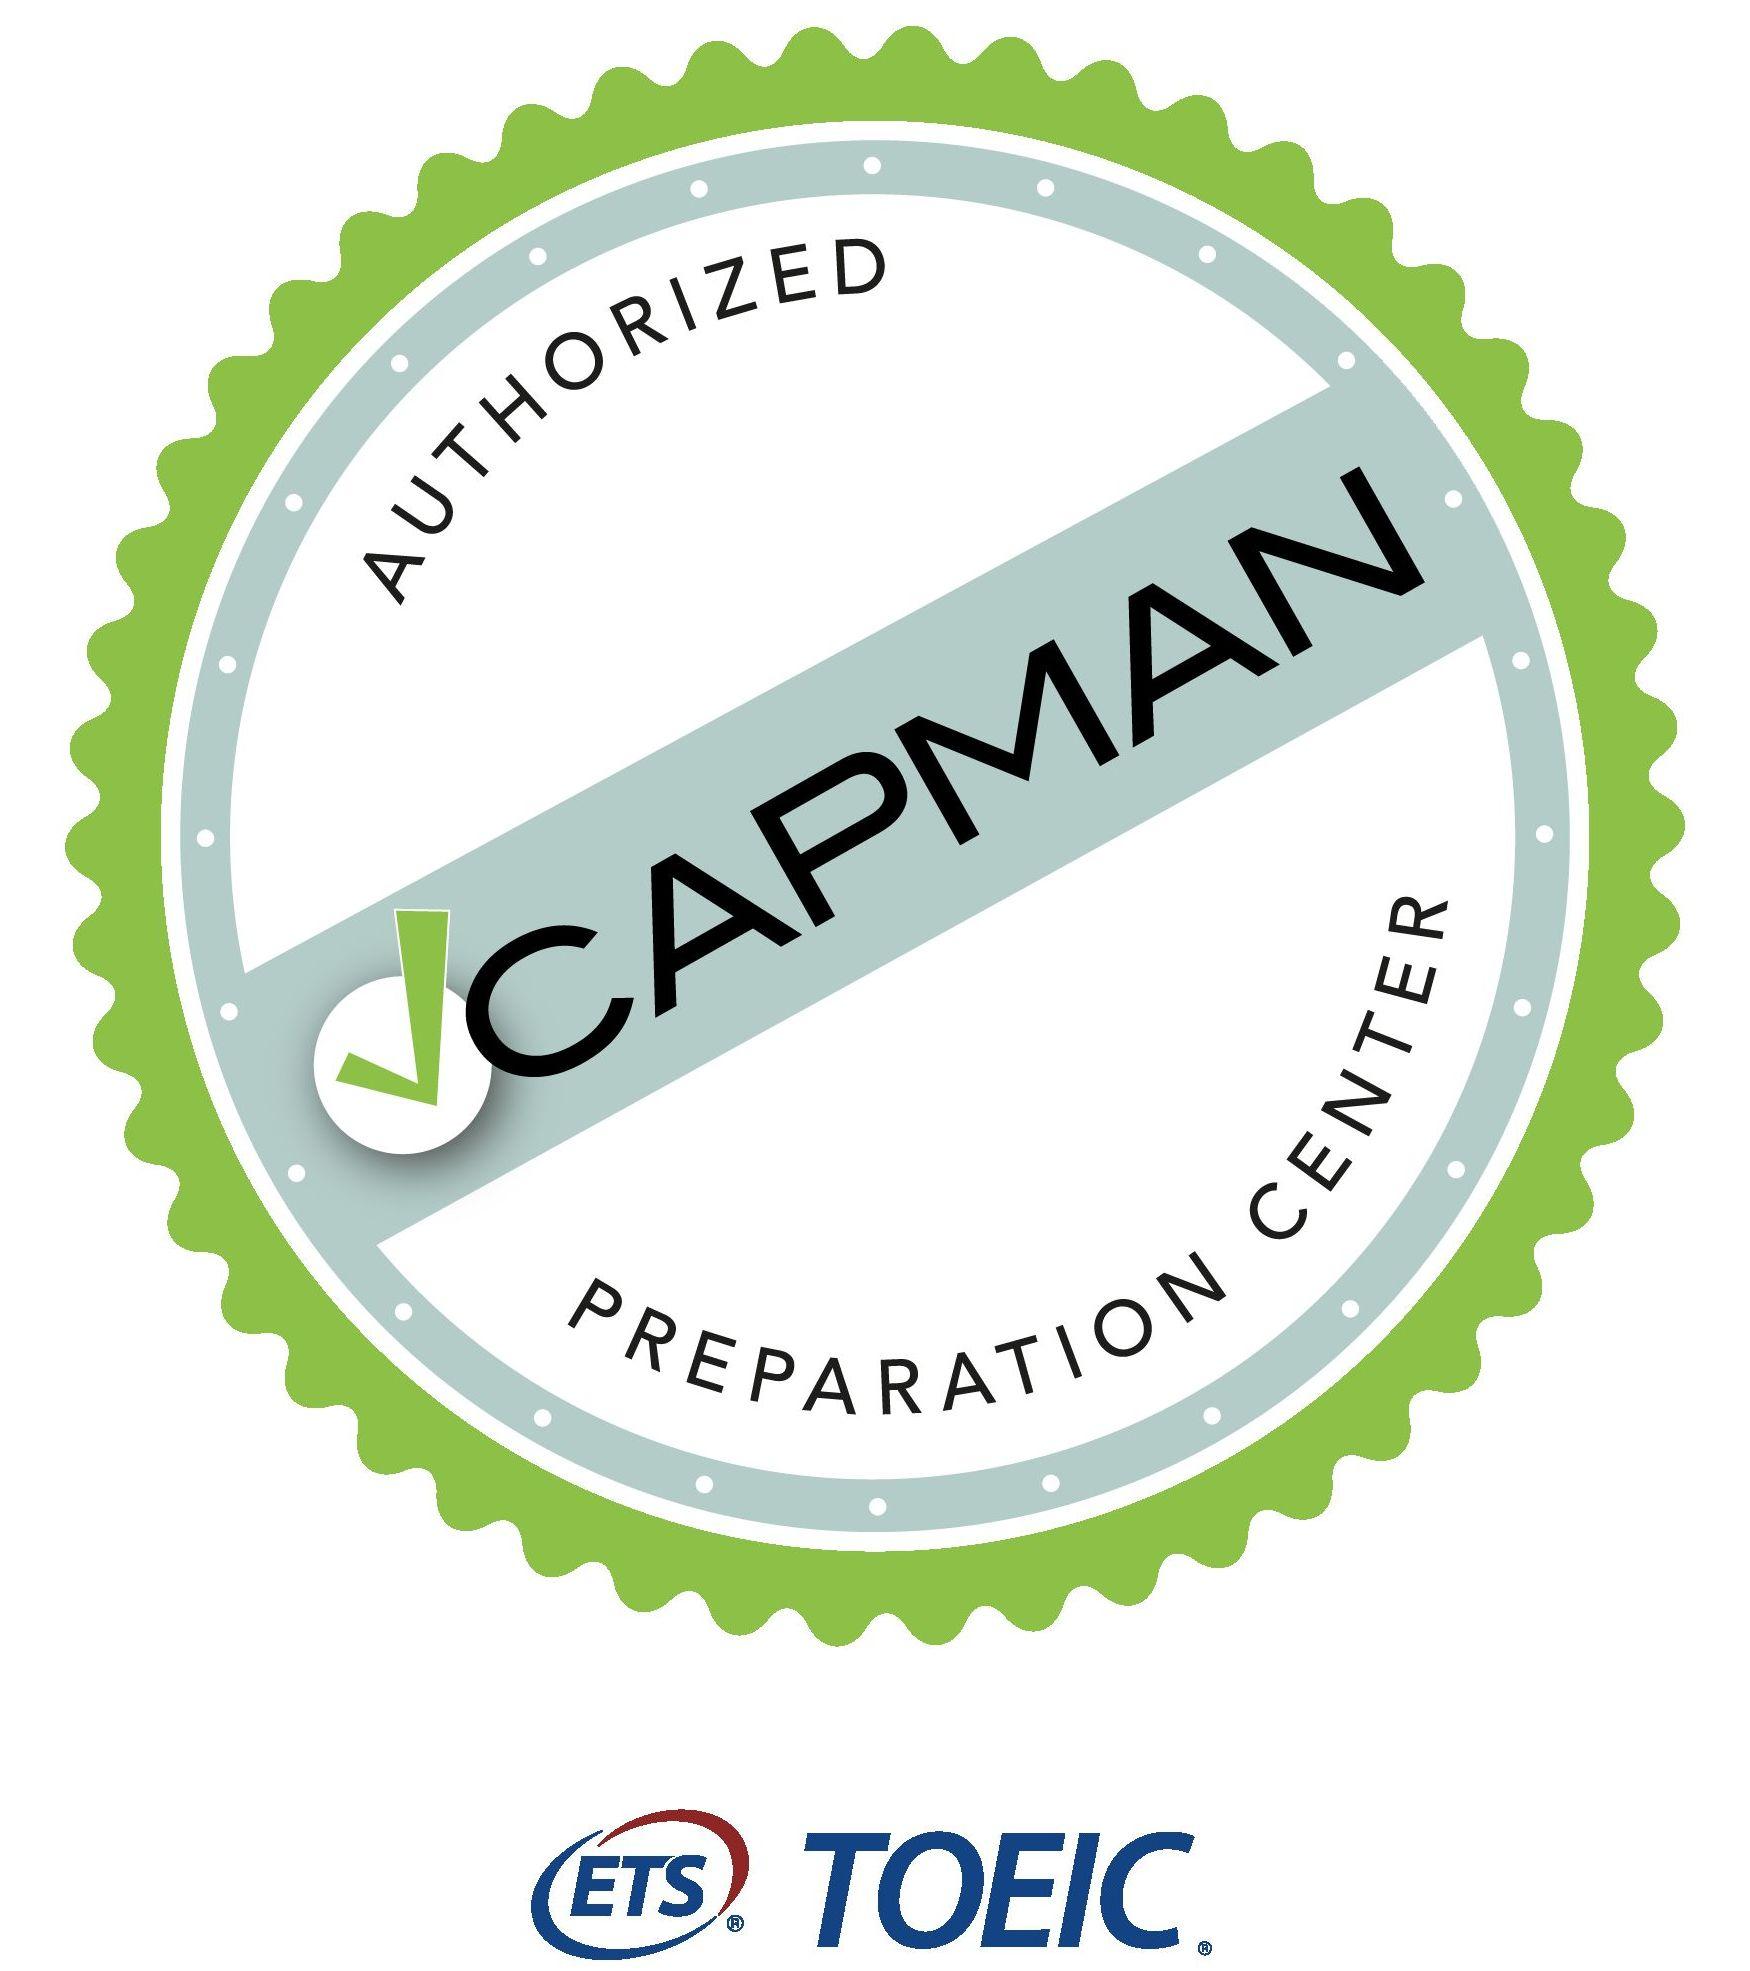 TOEIC, Centro Formador Oficial de Capman para preparación de exámenes: Servicios de SBC Global Training